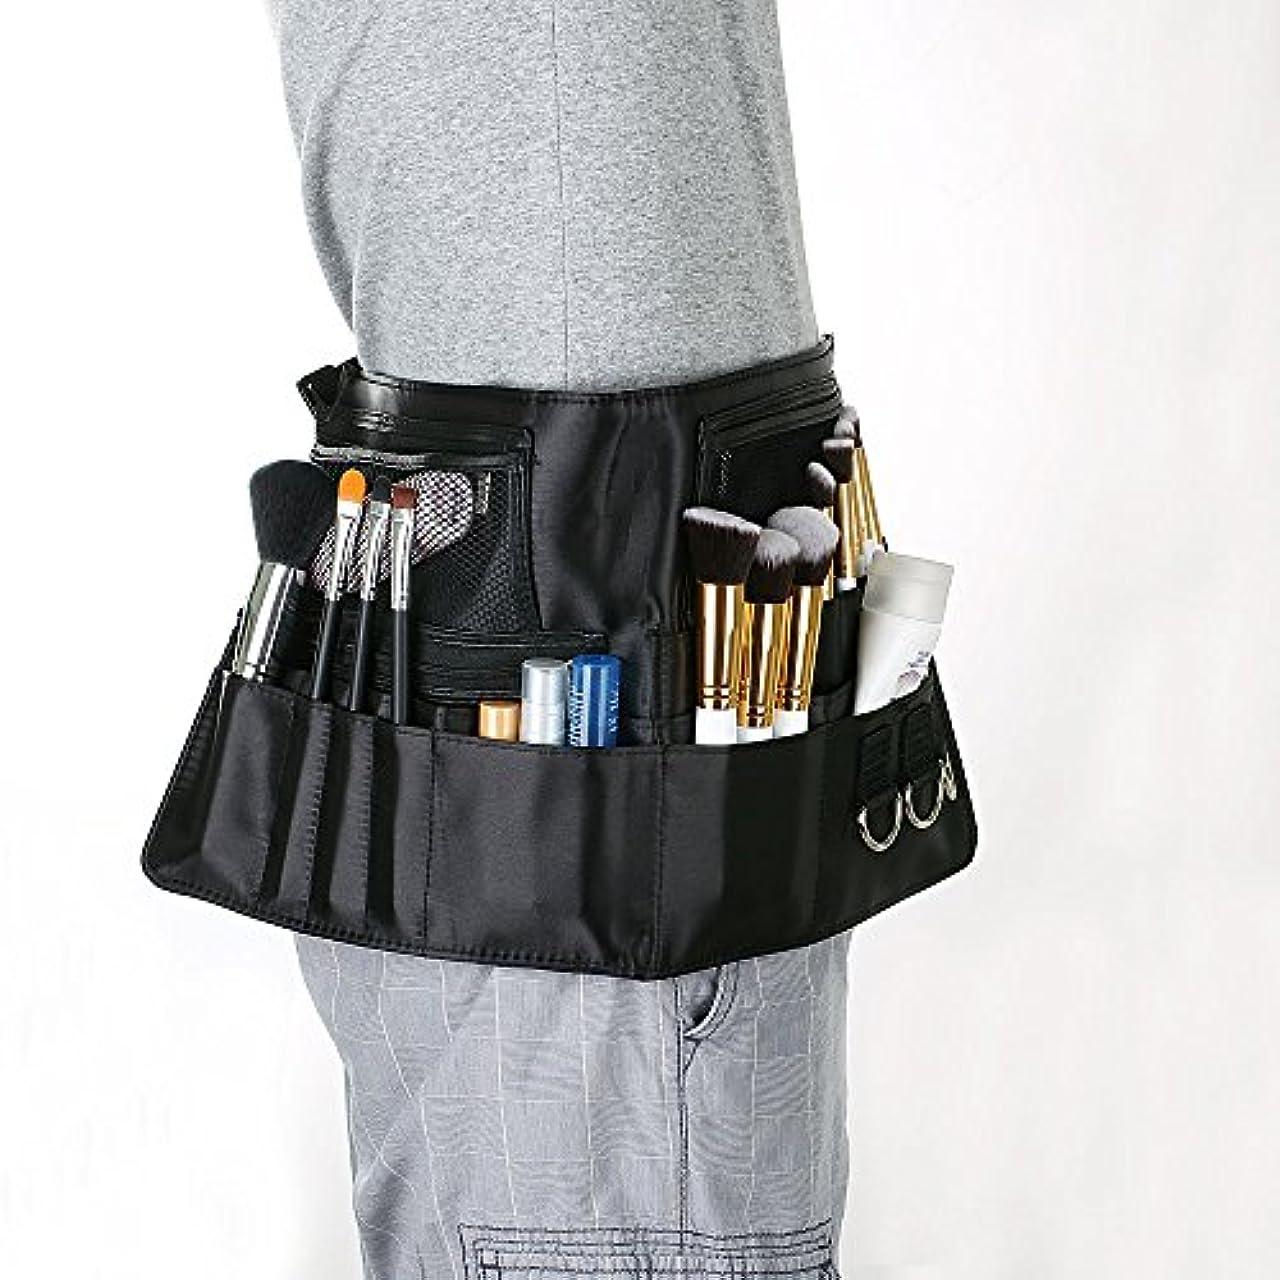 OGORI メイクブラシケース ラージ幅広 化粧師 美容師 プロ用 化粧バッグ 腰巻き ストラップバッグ 多機能 化粧ブラシ収納 ワンタッチ装着